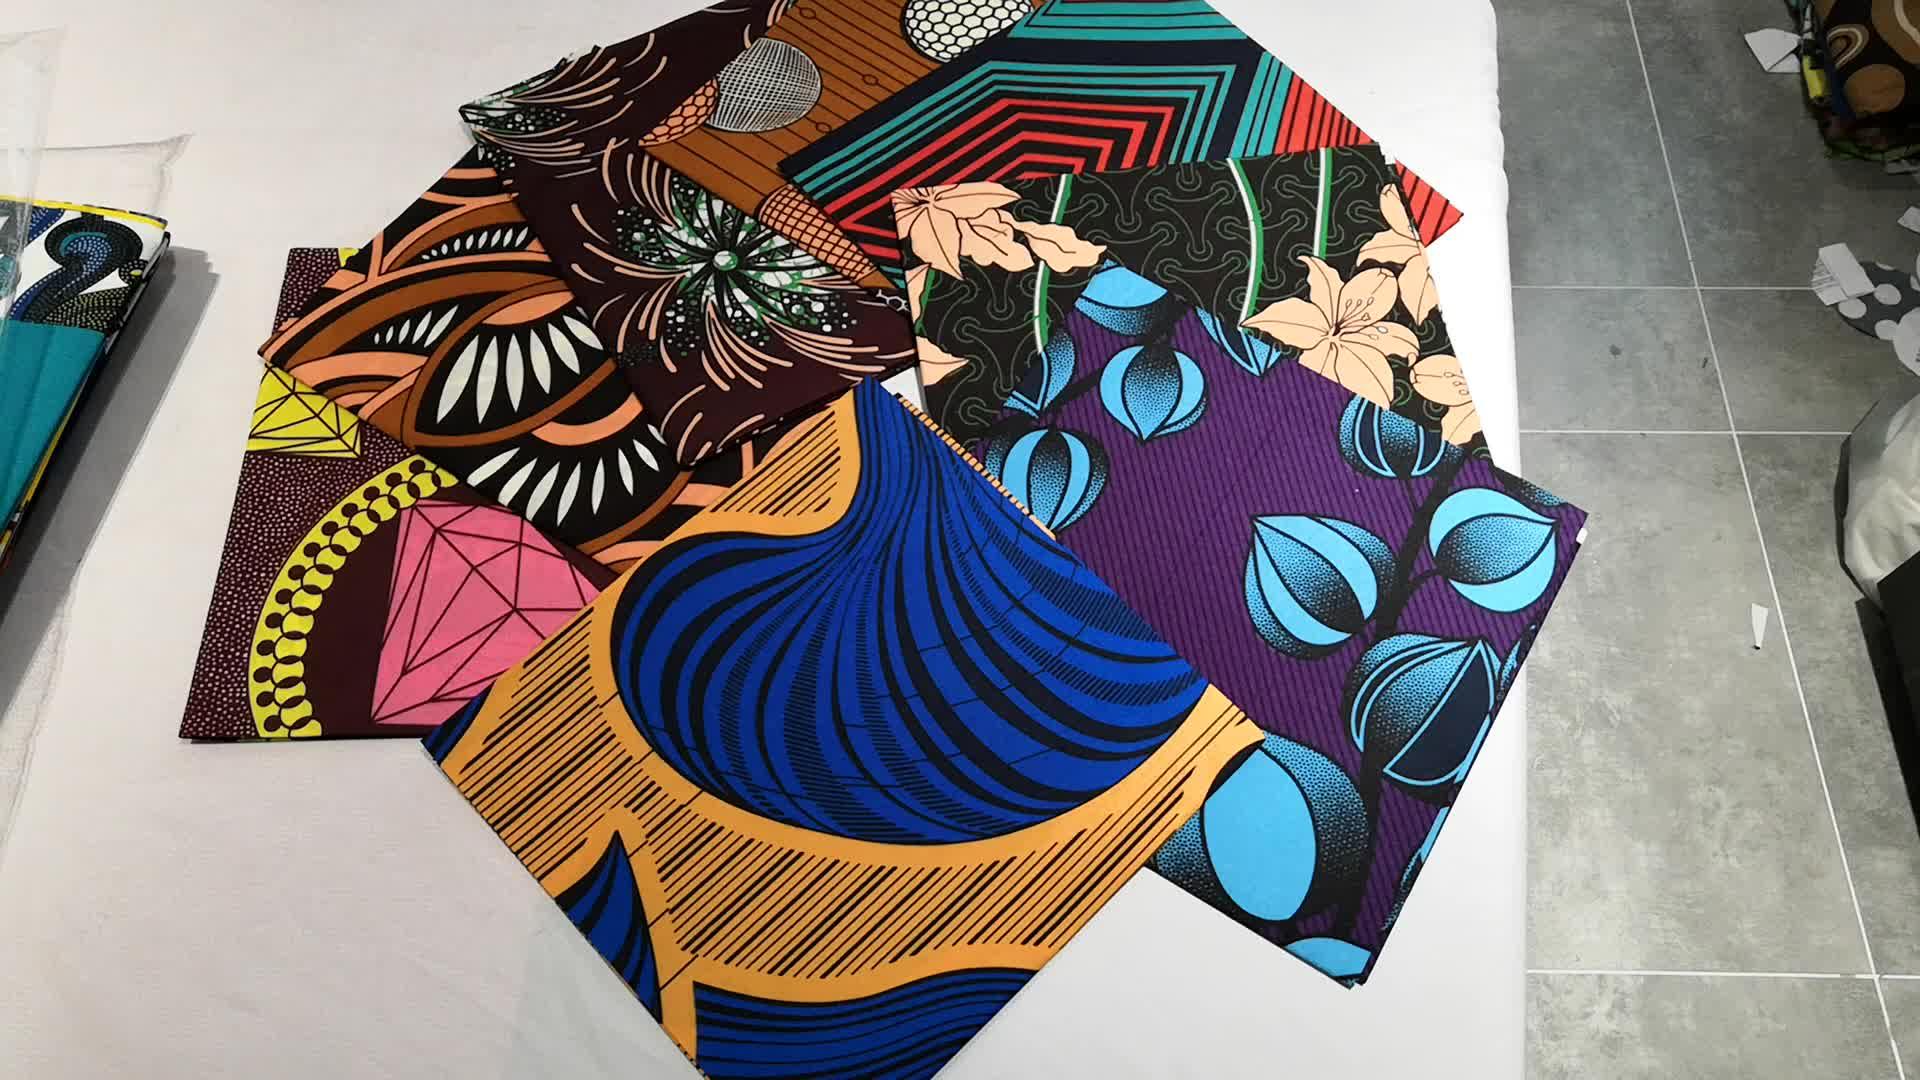 Tissu de cire véritable de haute qualité 100% polyester prix de gros tissu africain imprimé à la cire pour vêtement